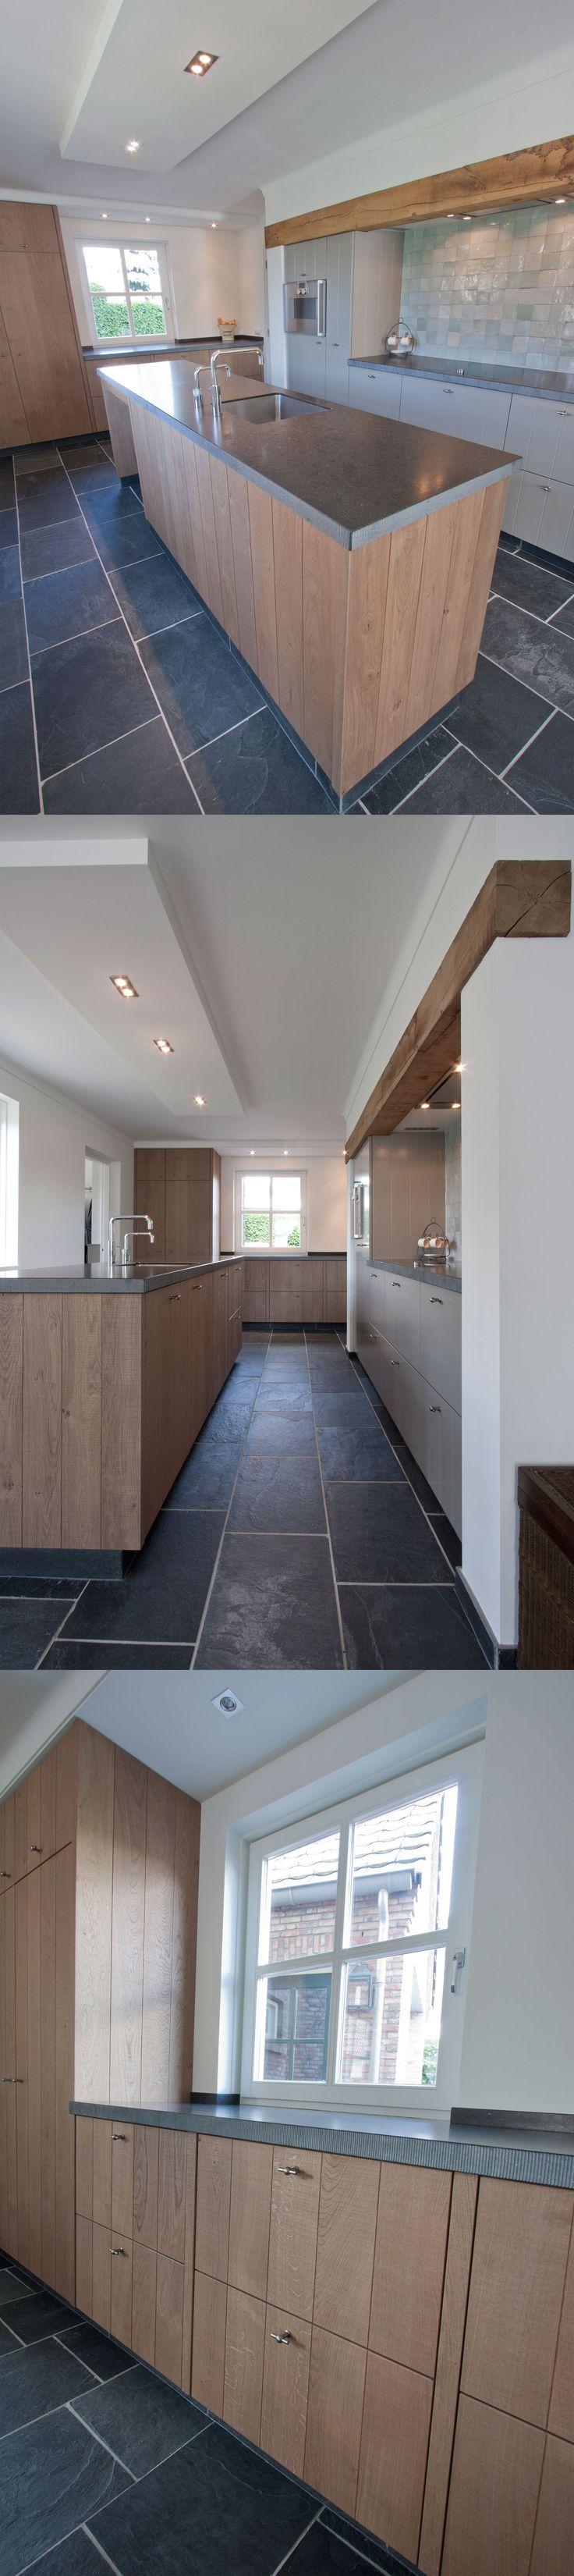 Corne de Keukenspecialist heeft het ontwerp 3D rendering en realisatie voor deze landelijk stoere keuken gerealiseerd. Toegepast : Massief eiken naturel - composiet werkblad Belgian Blue met gefrijnde rand - Gaggenau apparatuur